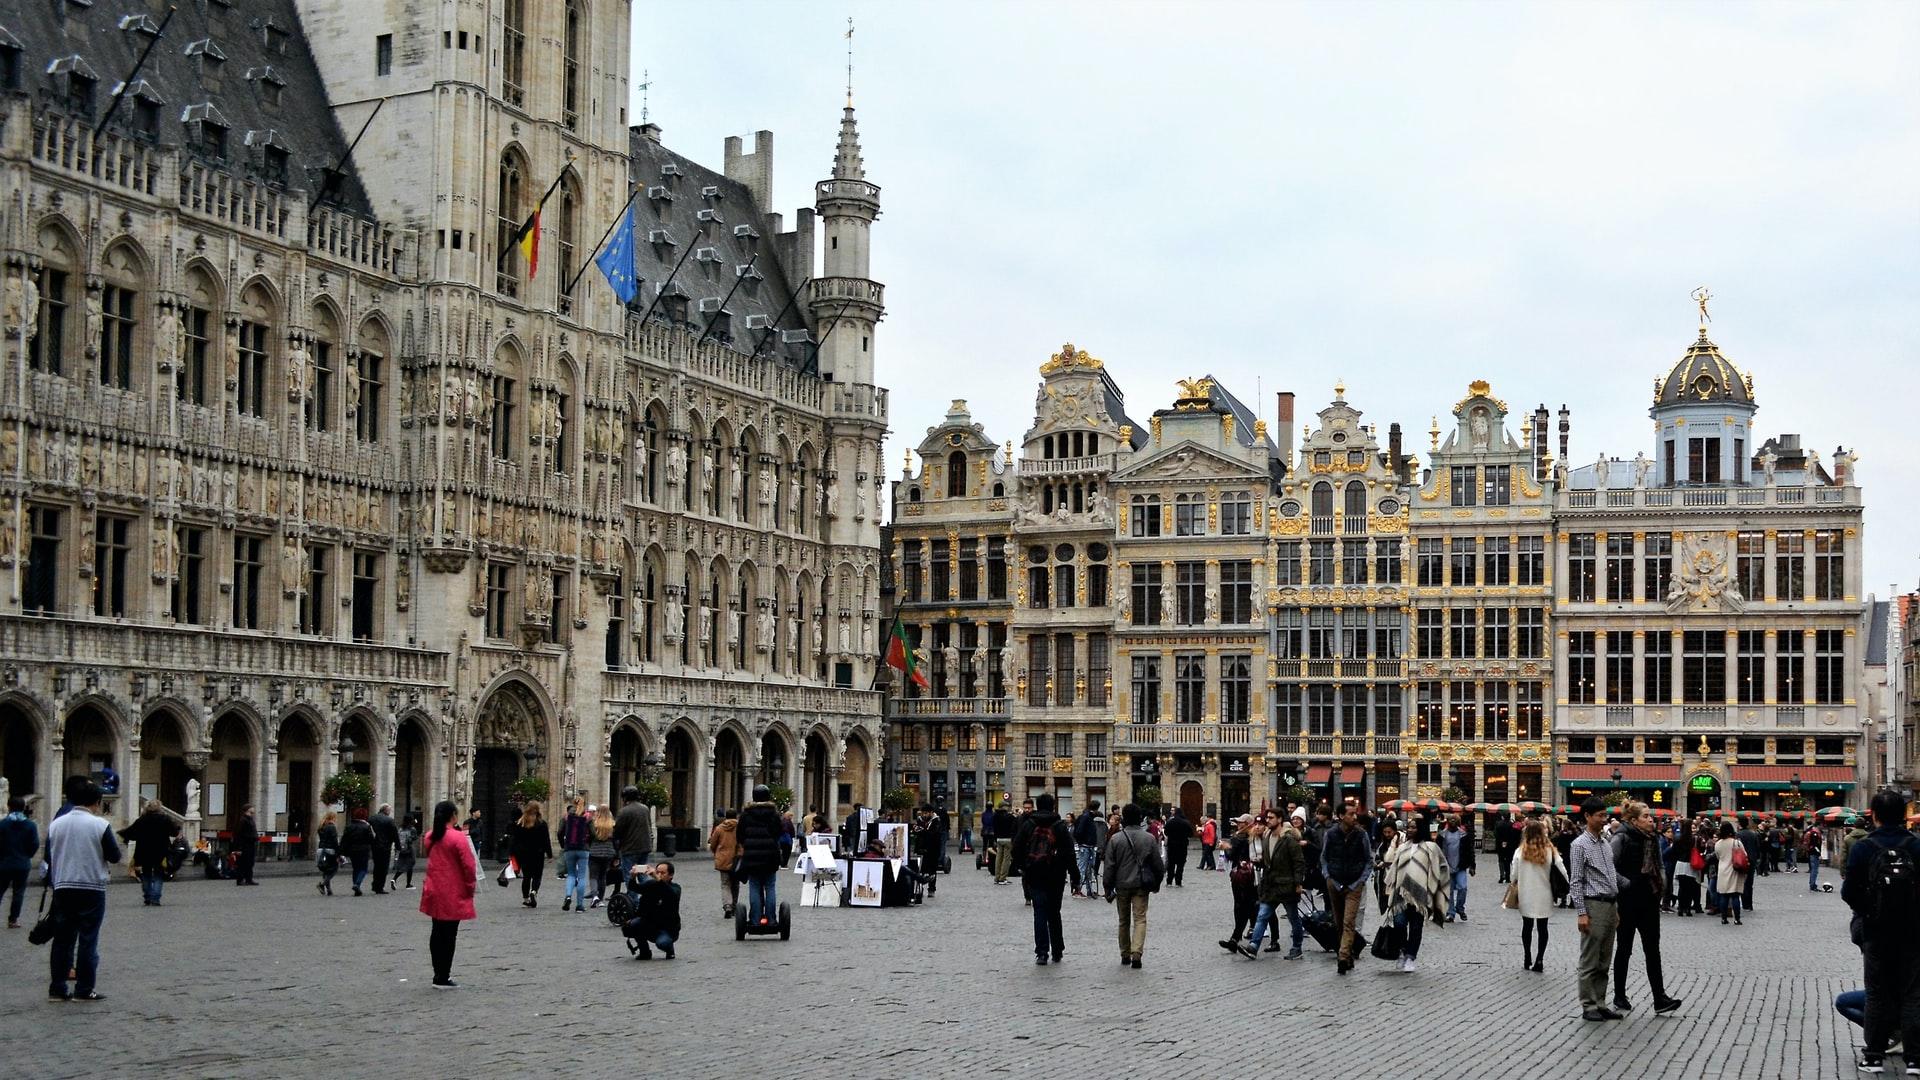 Wonen in Antwerpen: 5 redenen om naar Antwerpen te verhuizen!